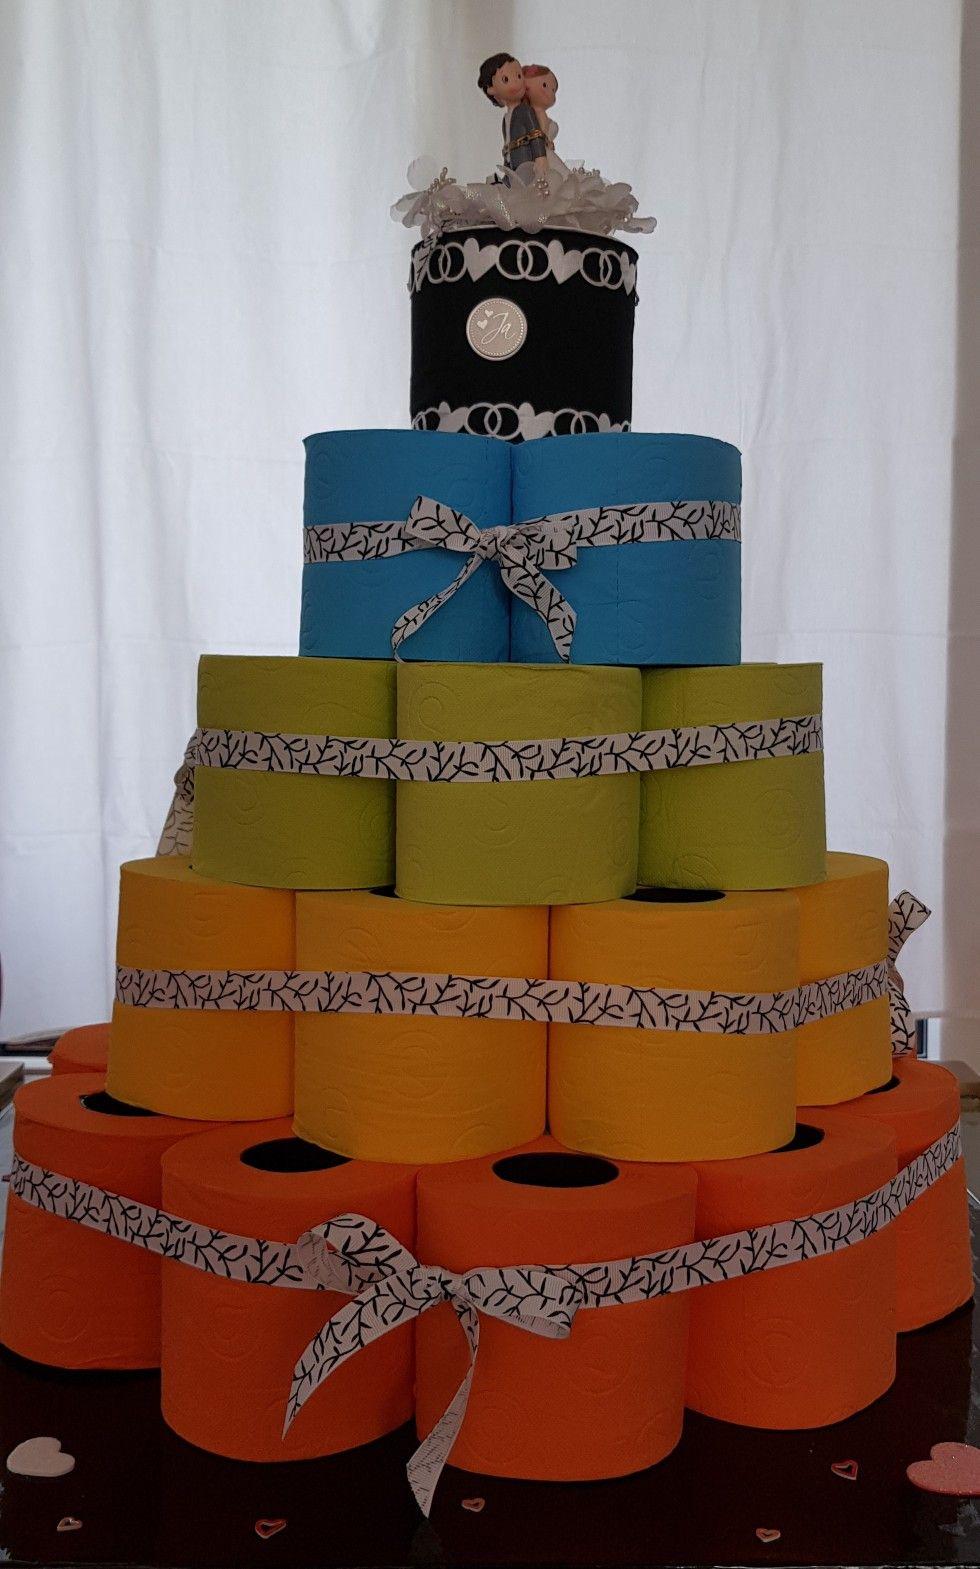 Ein Originelles Hochzeitsgeschenk Www 7colores Ch Knalligefarben Hochzeitsgeschenk Brautpaar Zart Originelle Hochzeitsgeschenke Hochzeitsgeschenk Hochzeit